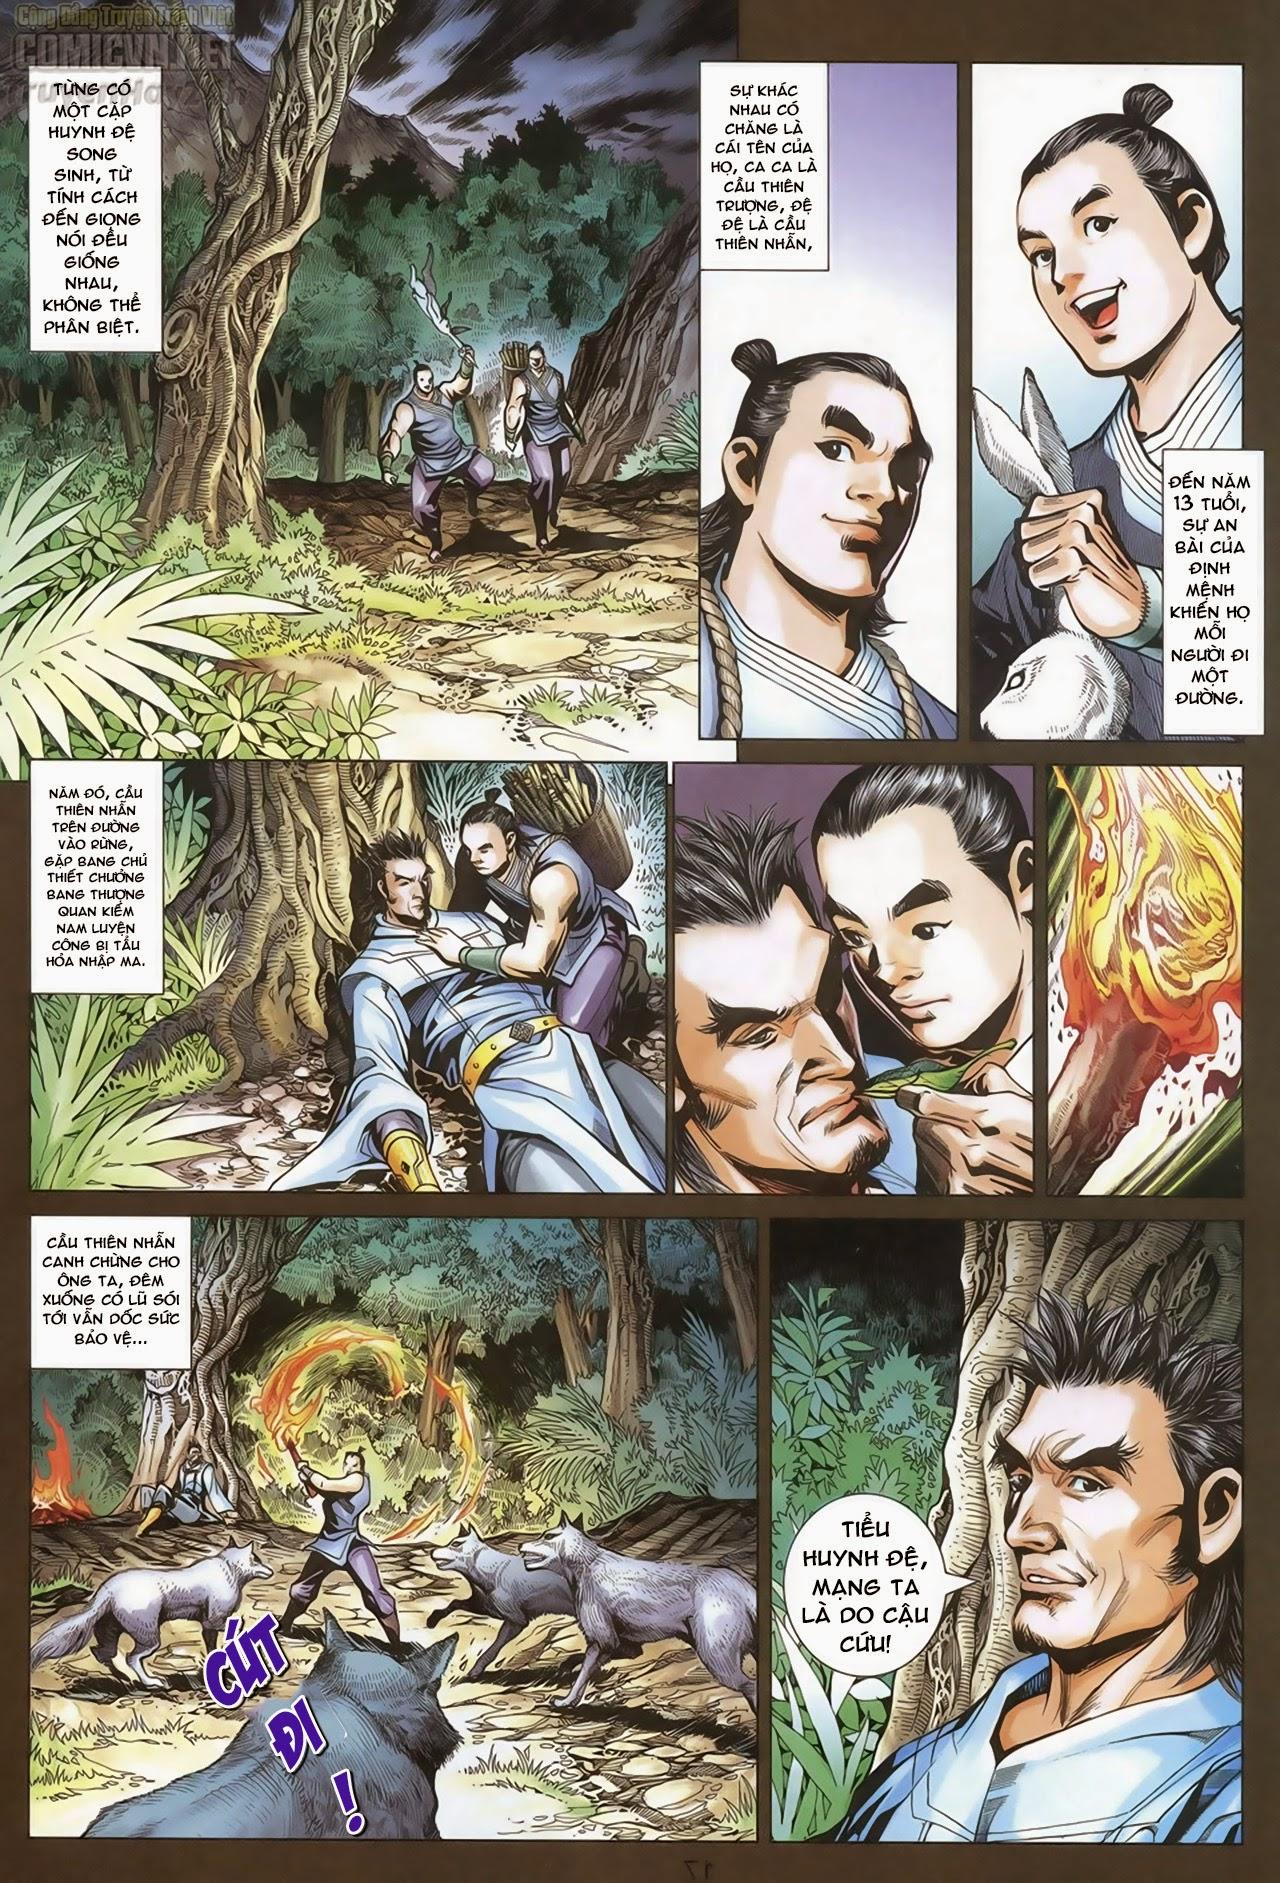 Anh Hùng Xạ Điêu anh hùng xạ đêu chap 69: hồn đoạn thiết chưởng phong trang 18